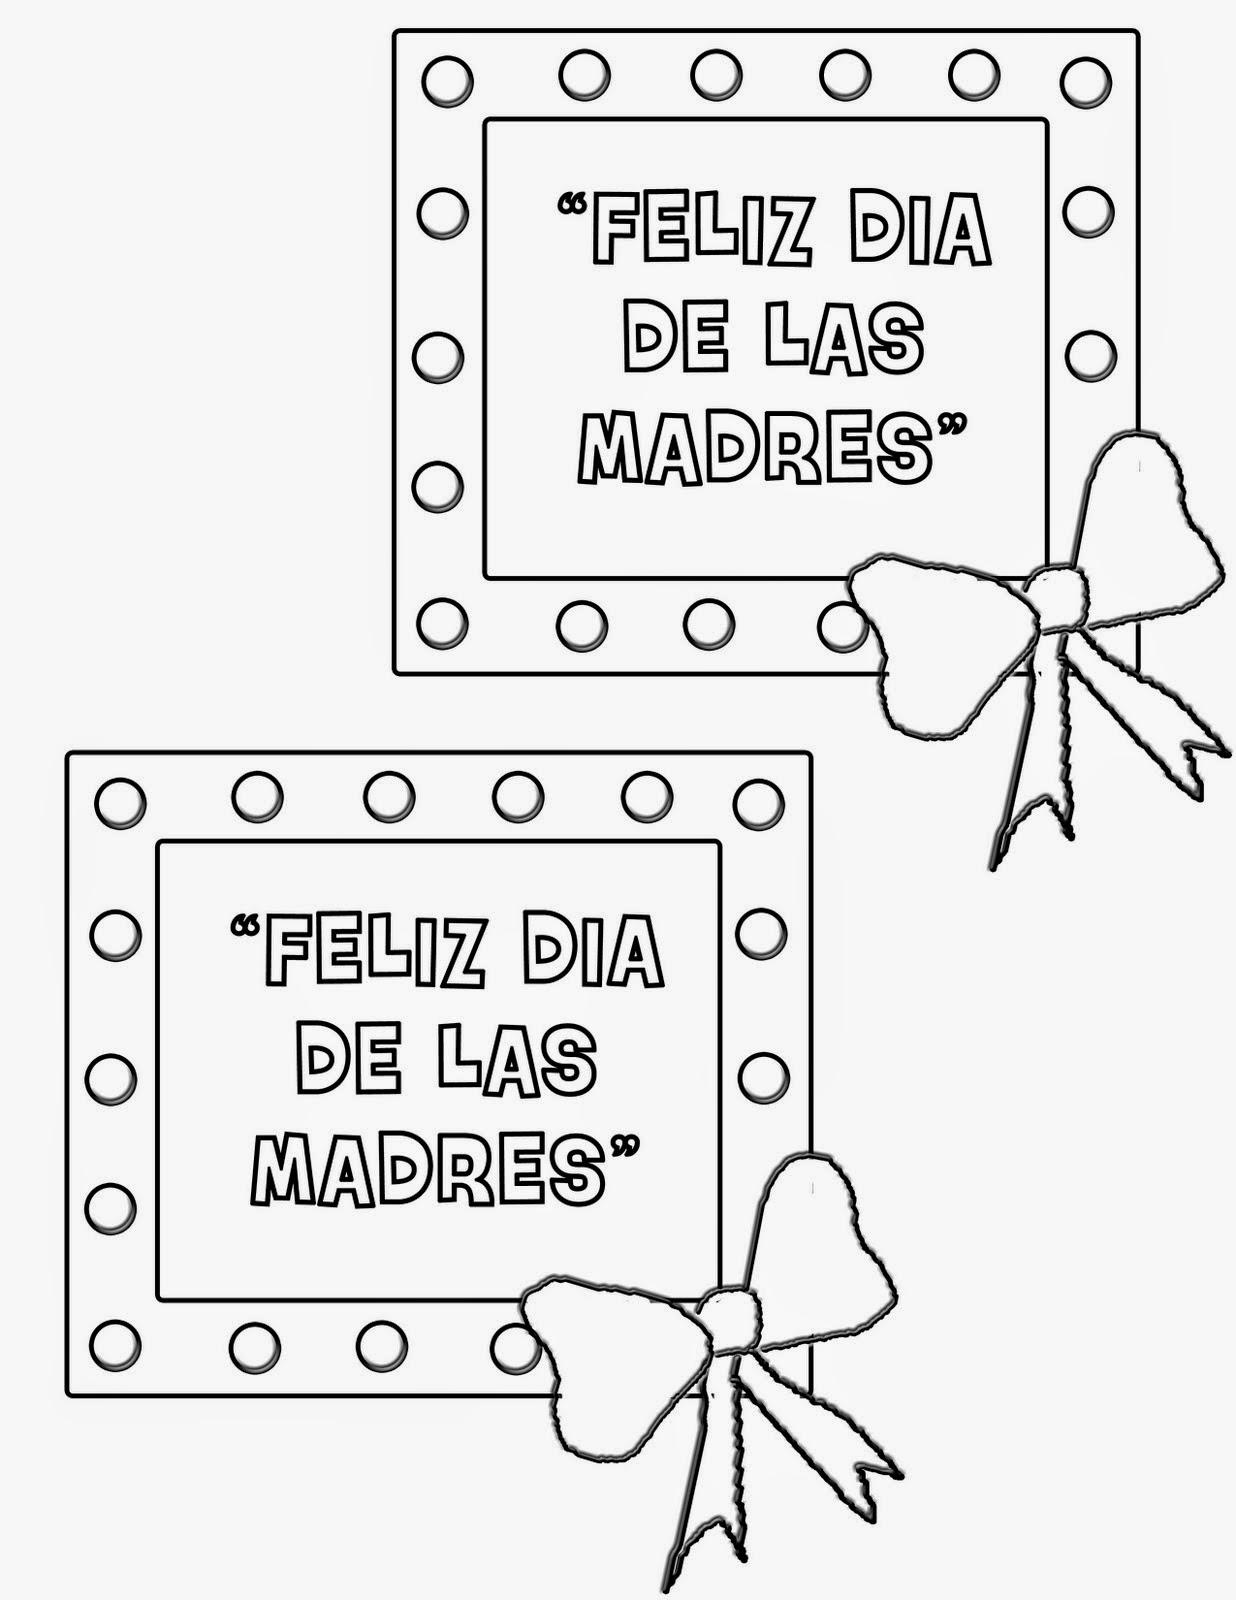 Feliz Dia Mama Dibujos Para Colorear Imagesacolorierwebsite